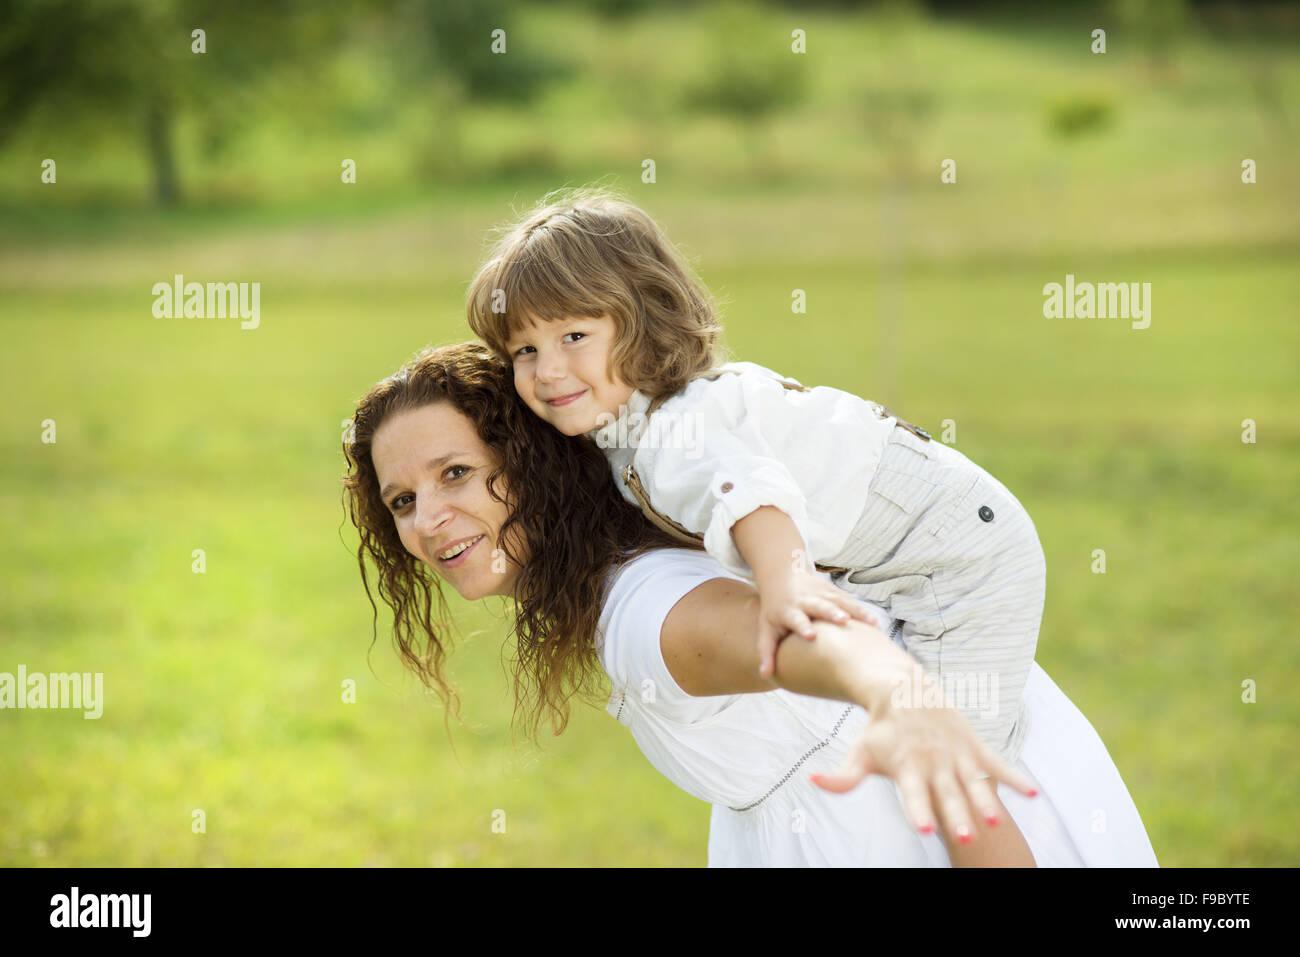 Madre e hijo jugando juegos divertidos juntos Imagen De Stock